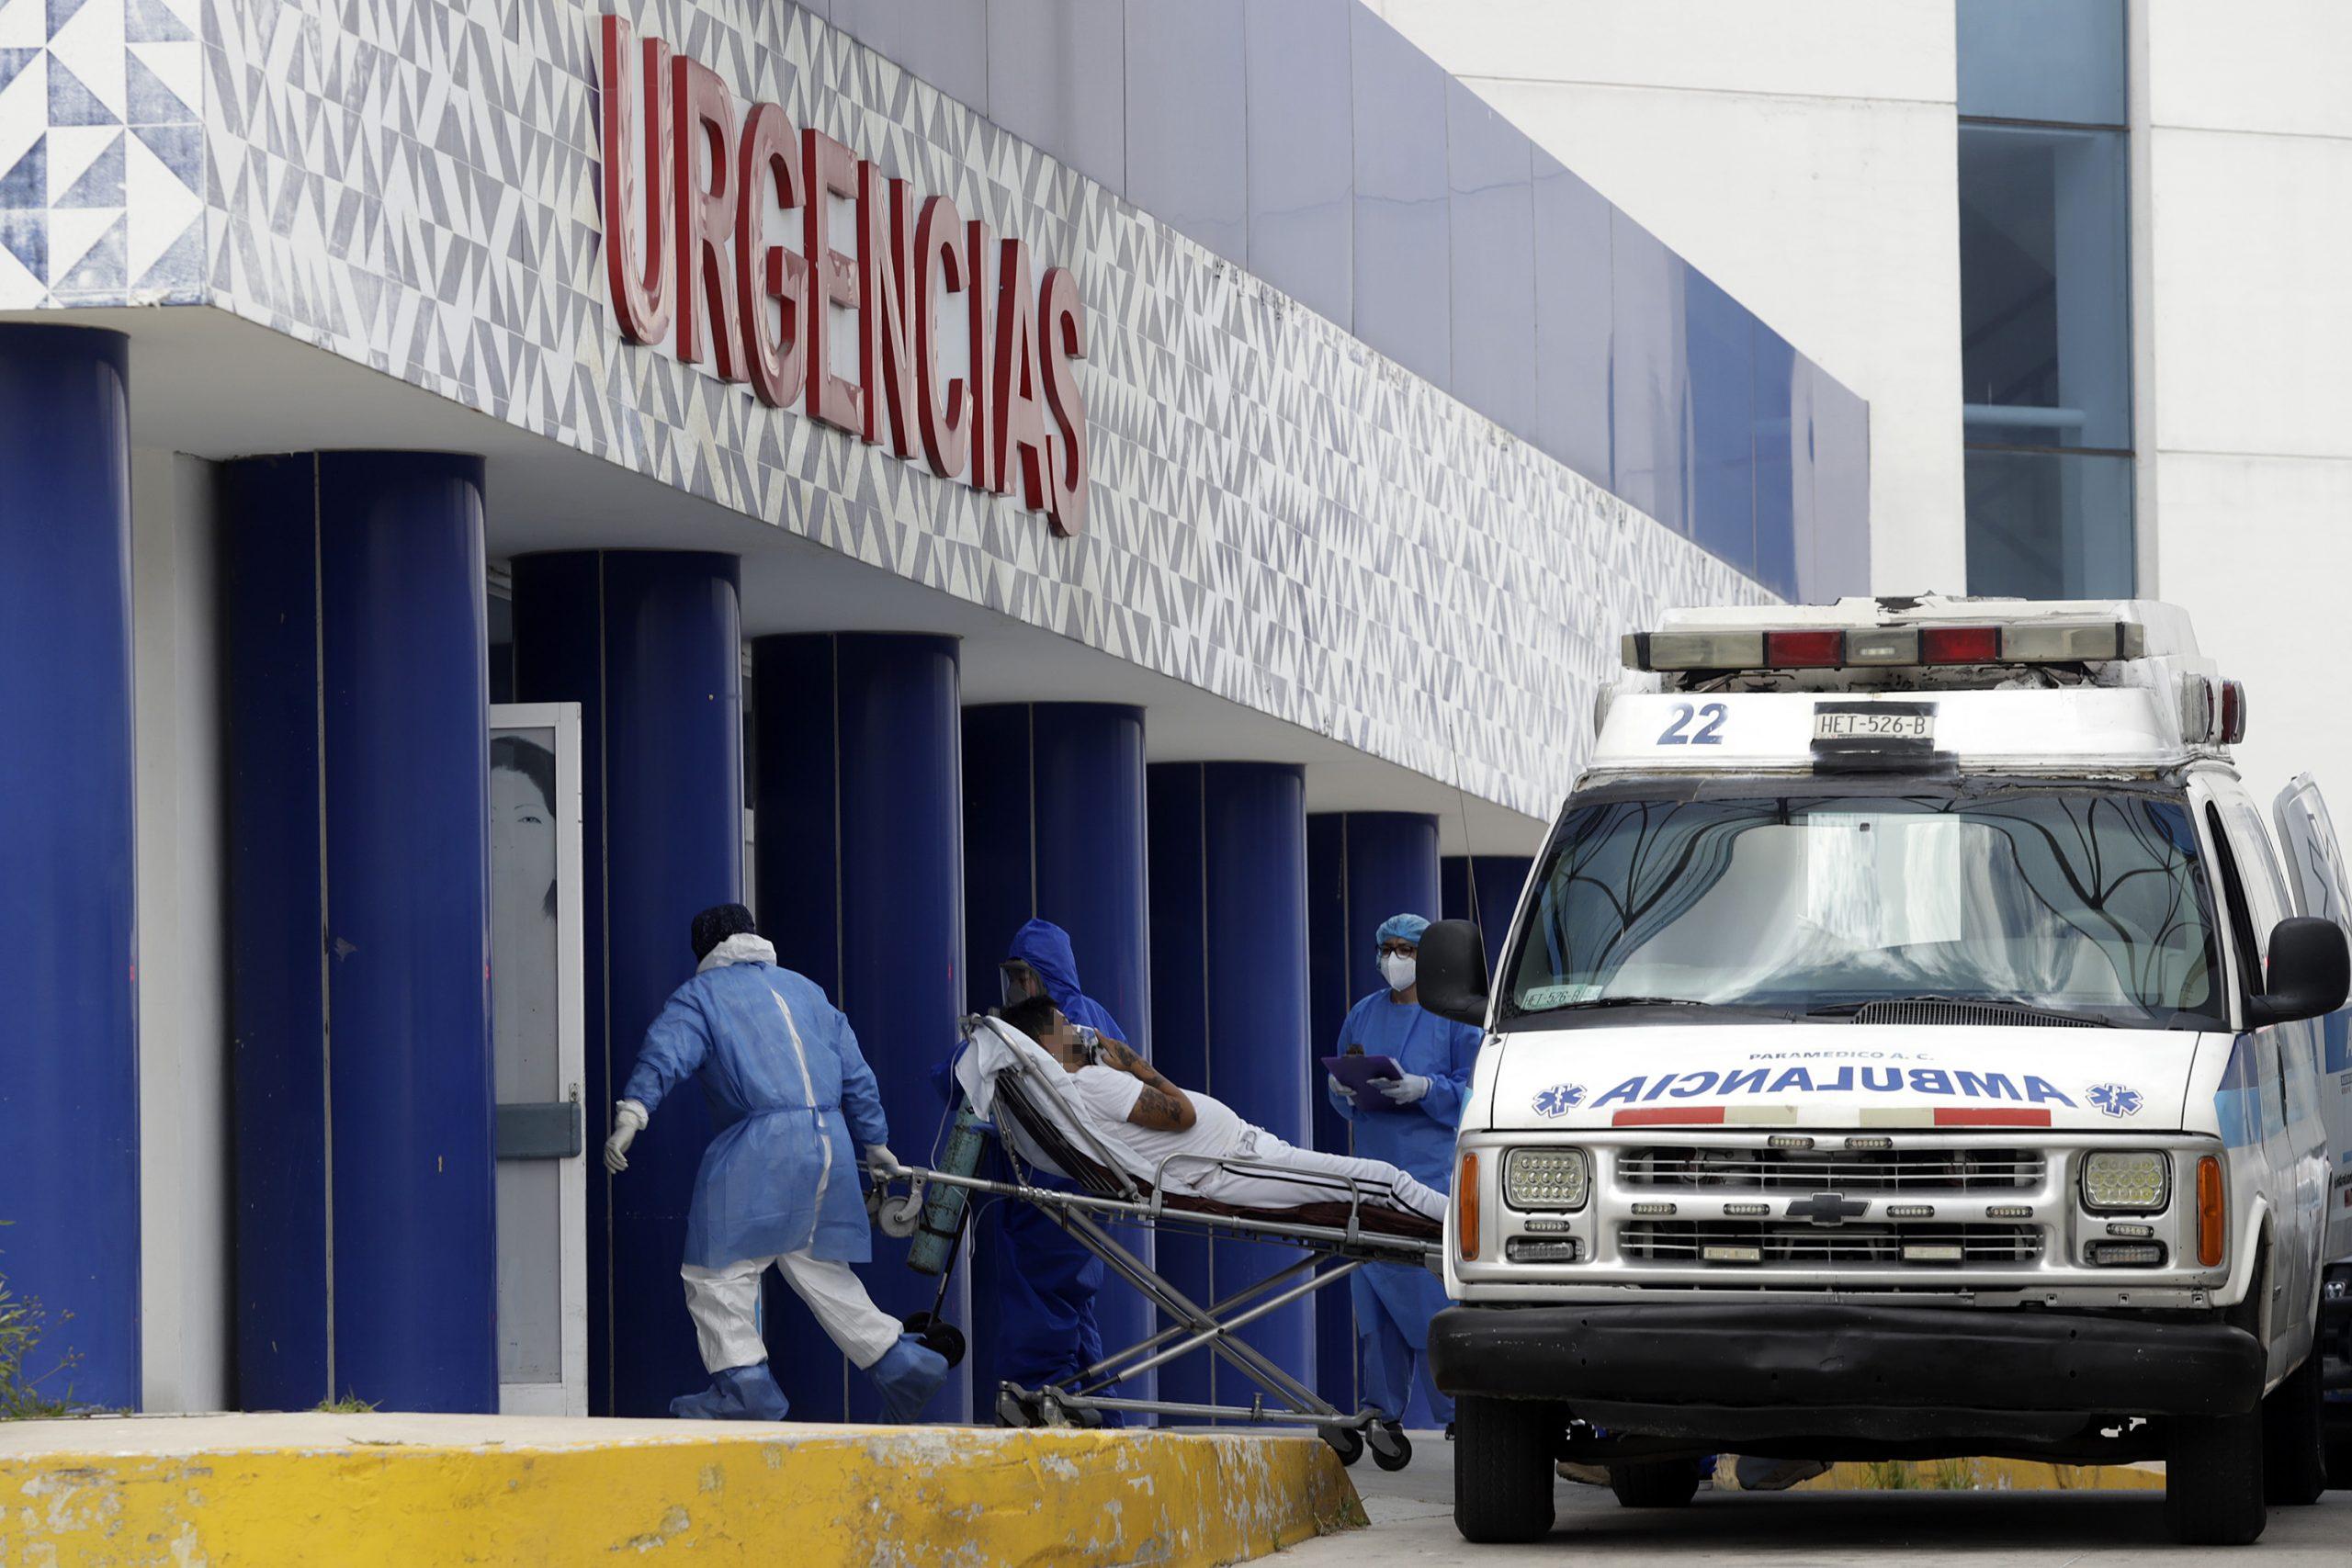 Alistan desconversión de hospitales COVID en Puebla